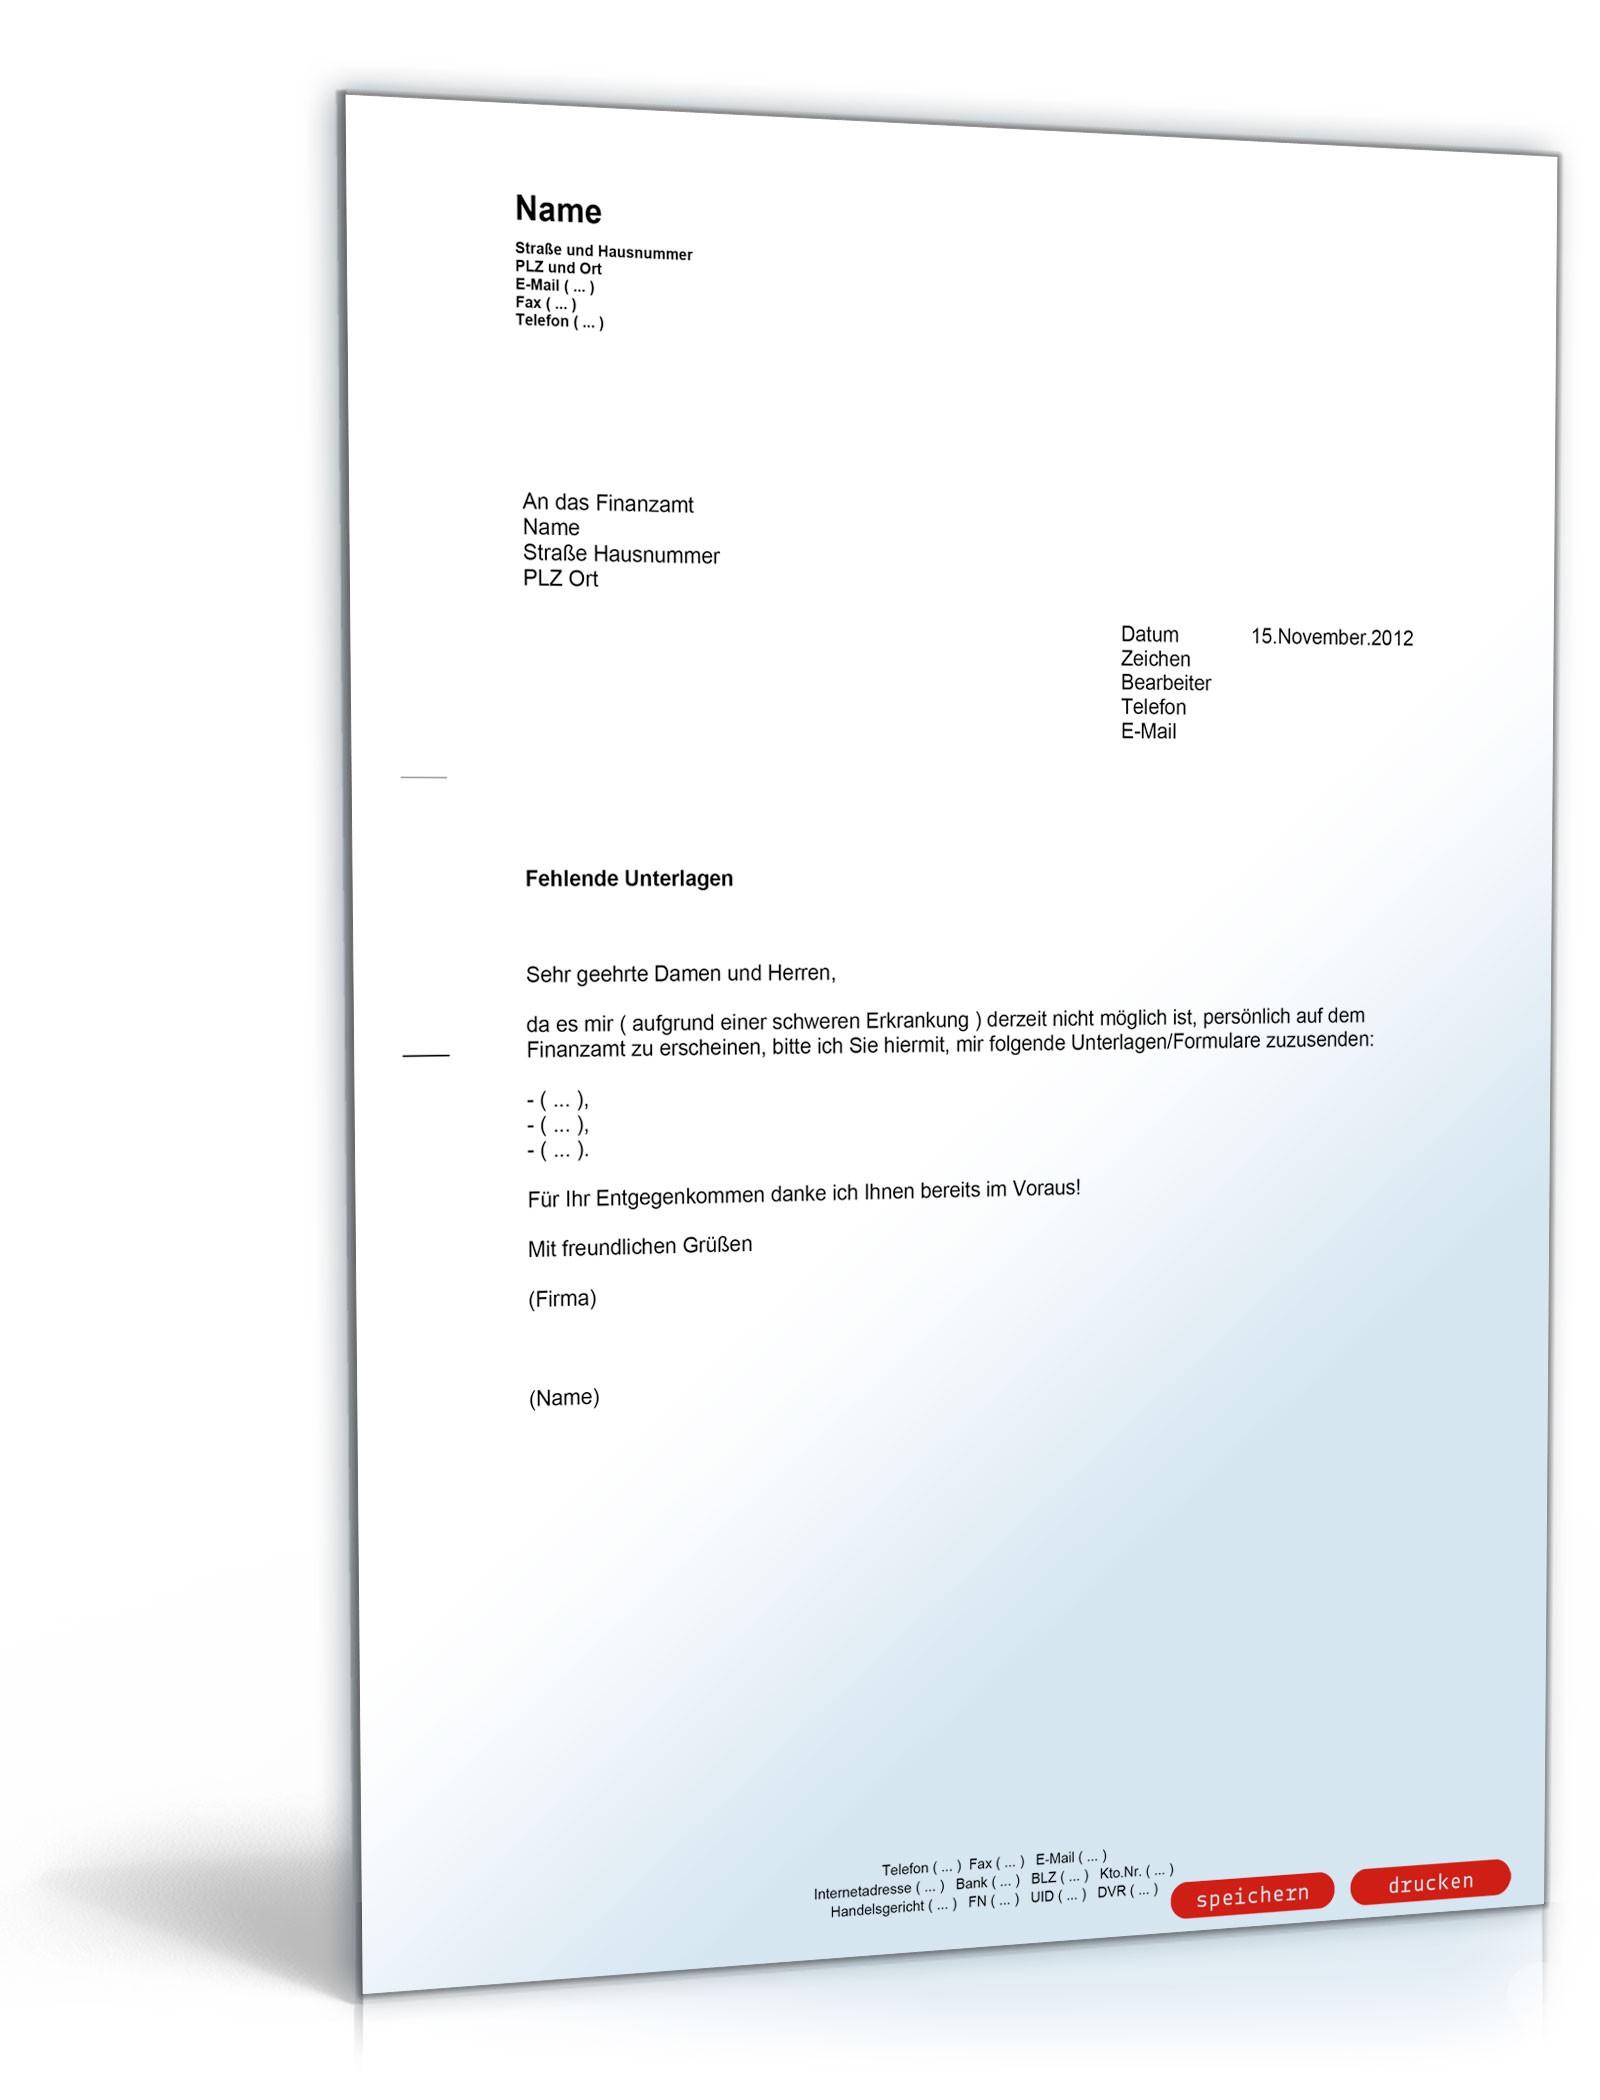 Musterbriefe Unterlagen Schicken : Zusendung von unterlagen vom finanzamt muster vorlage